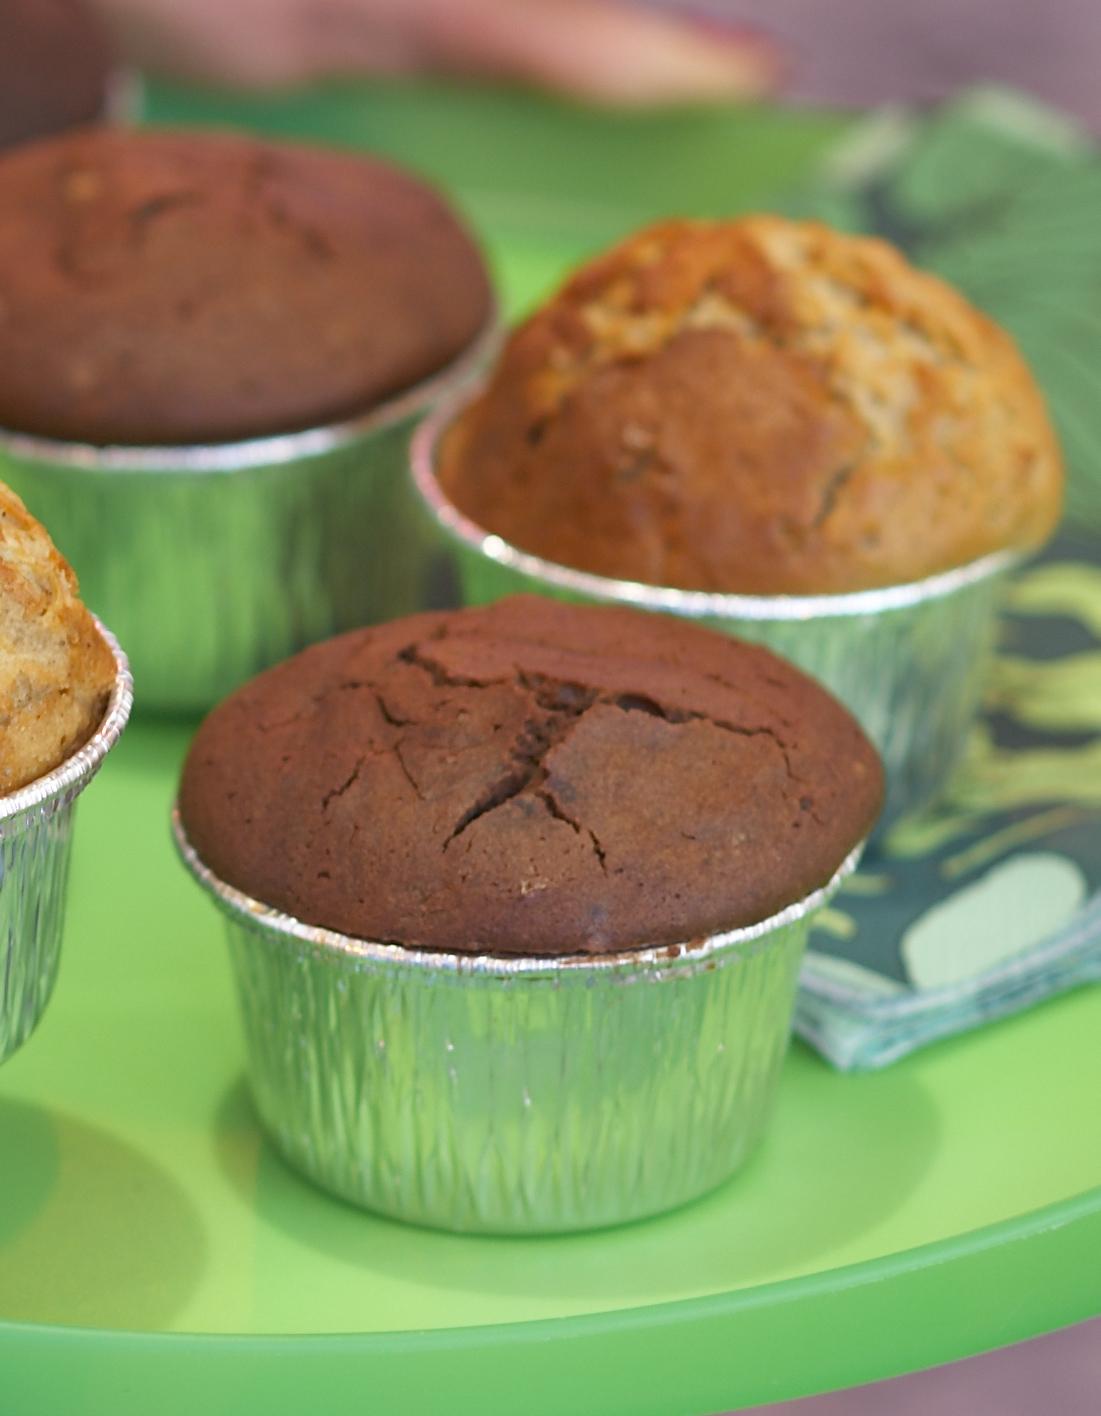 Petits g teaux banane noix chocolat pour 6 personnes recettes elle table - Site de recettes cuisine ...